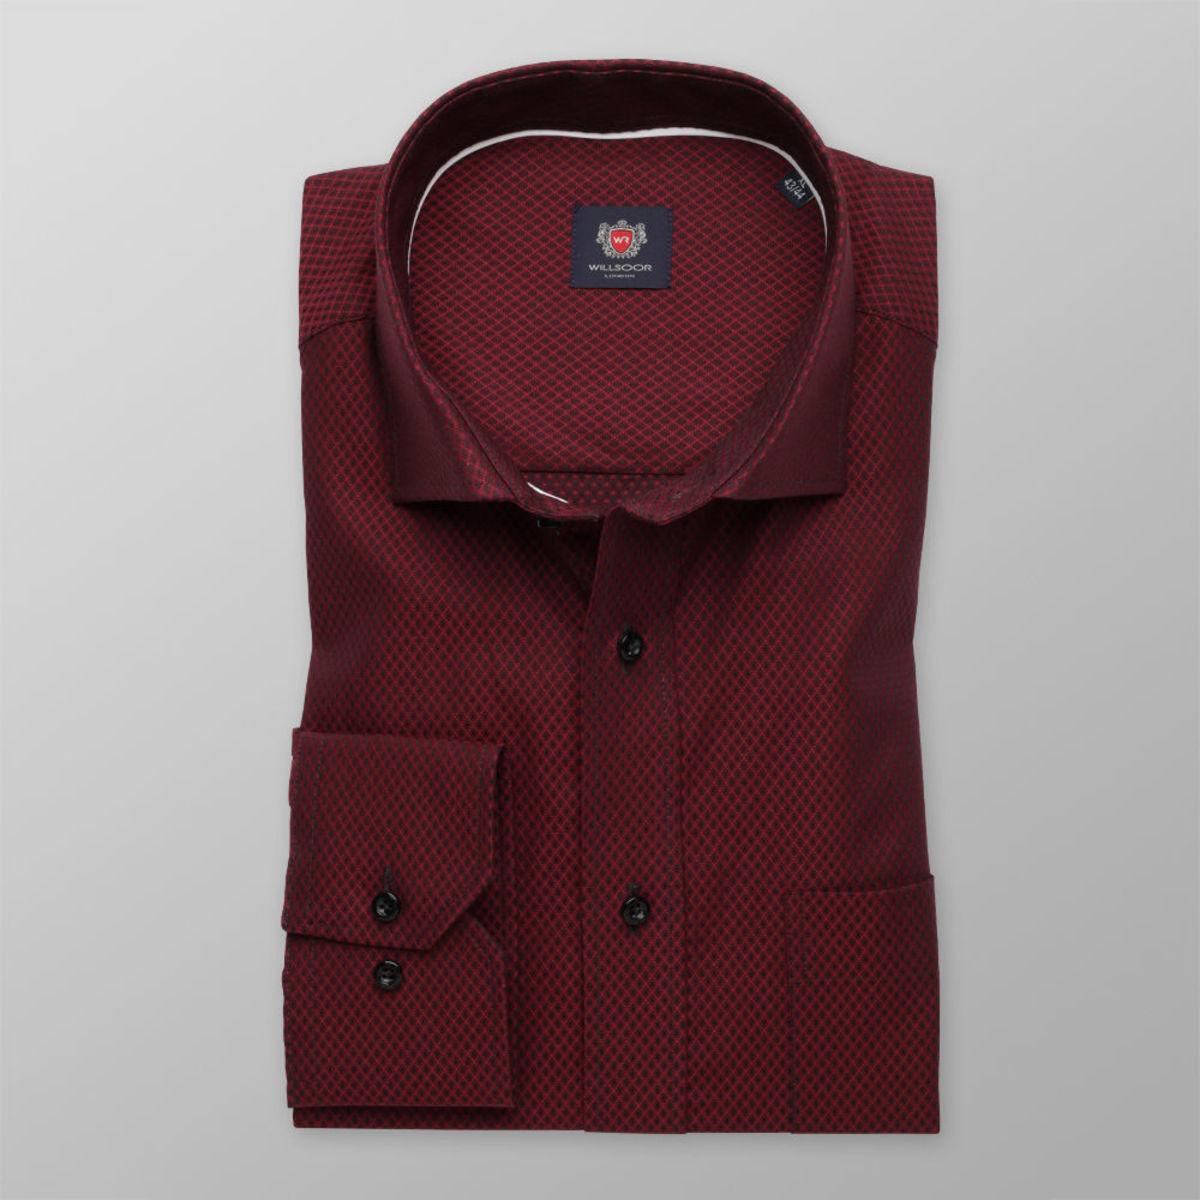 Pánská klasická košile London (výška 176-182) 8502 v bordó barvě a úpravou easy care 176-182 / L (41/42)